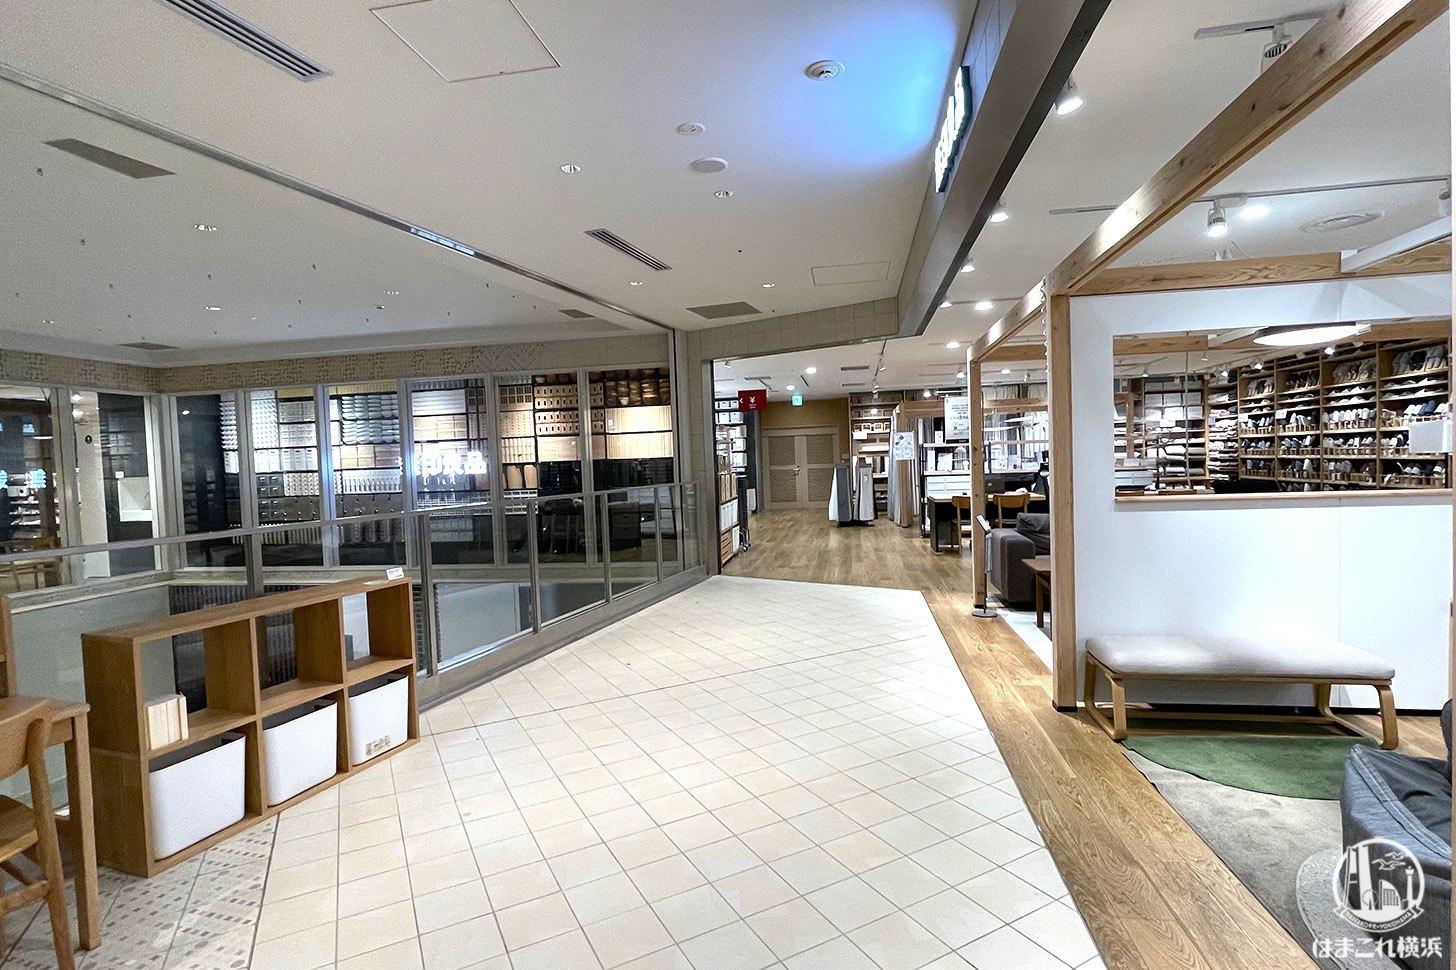 無印良品ニュウマン横浜店 7階